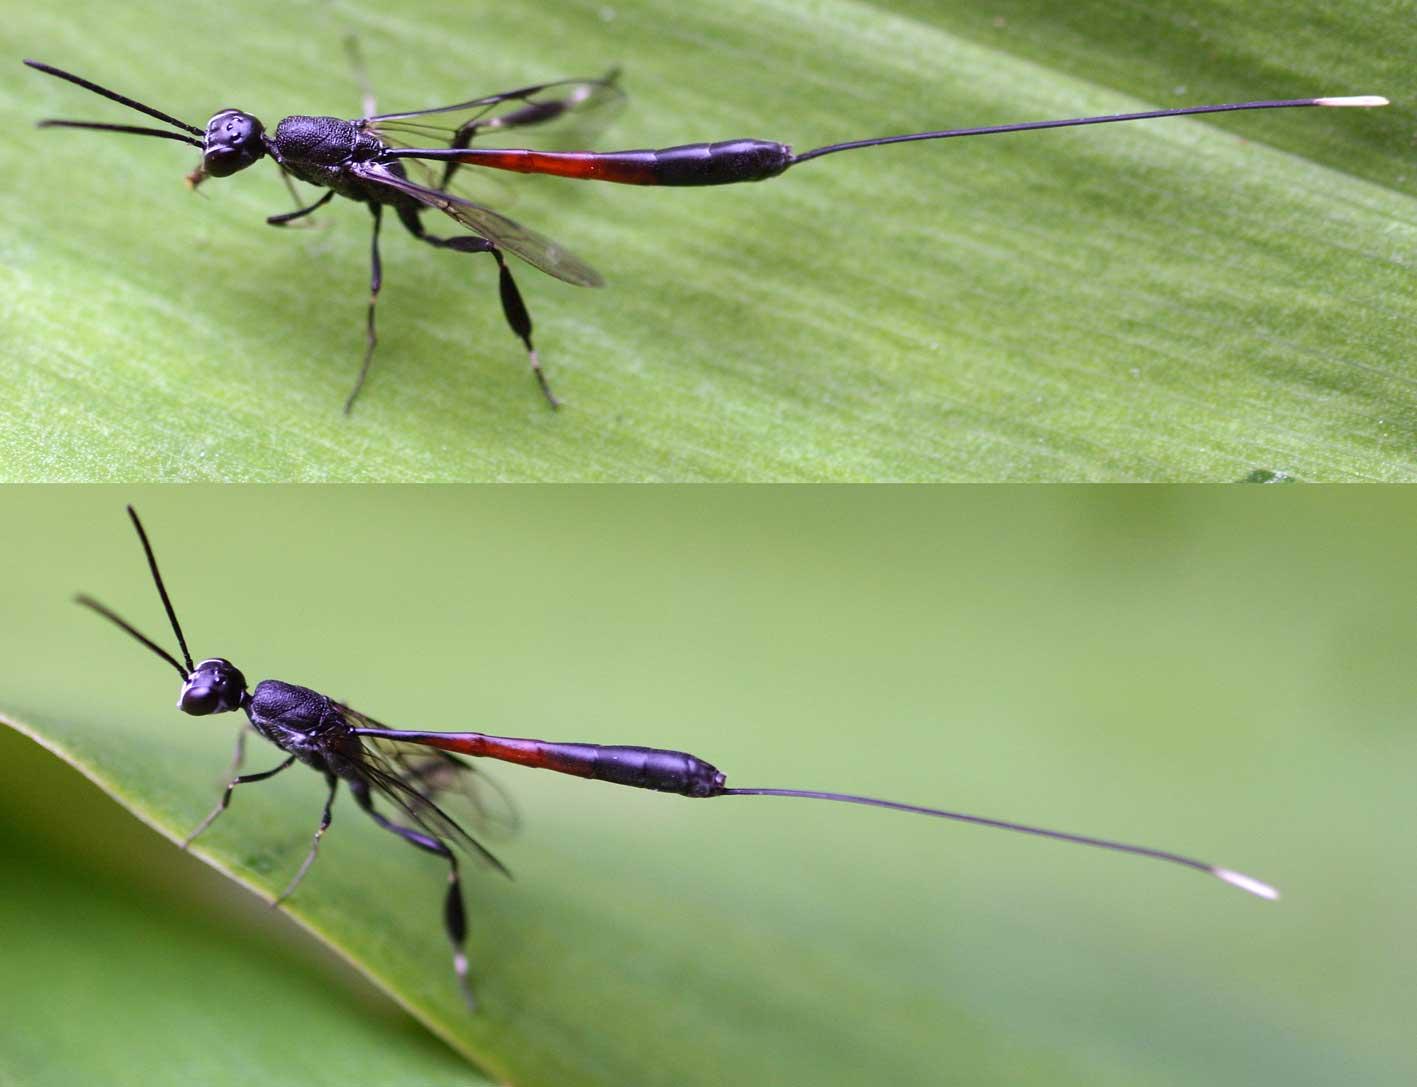 насекомое помощник наездник